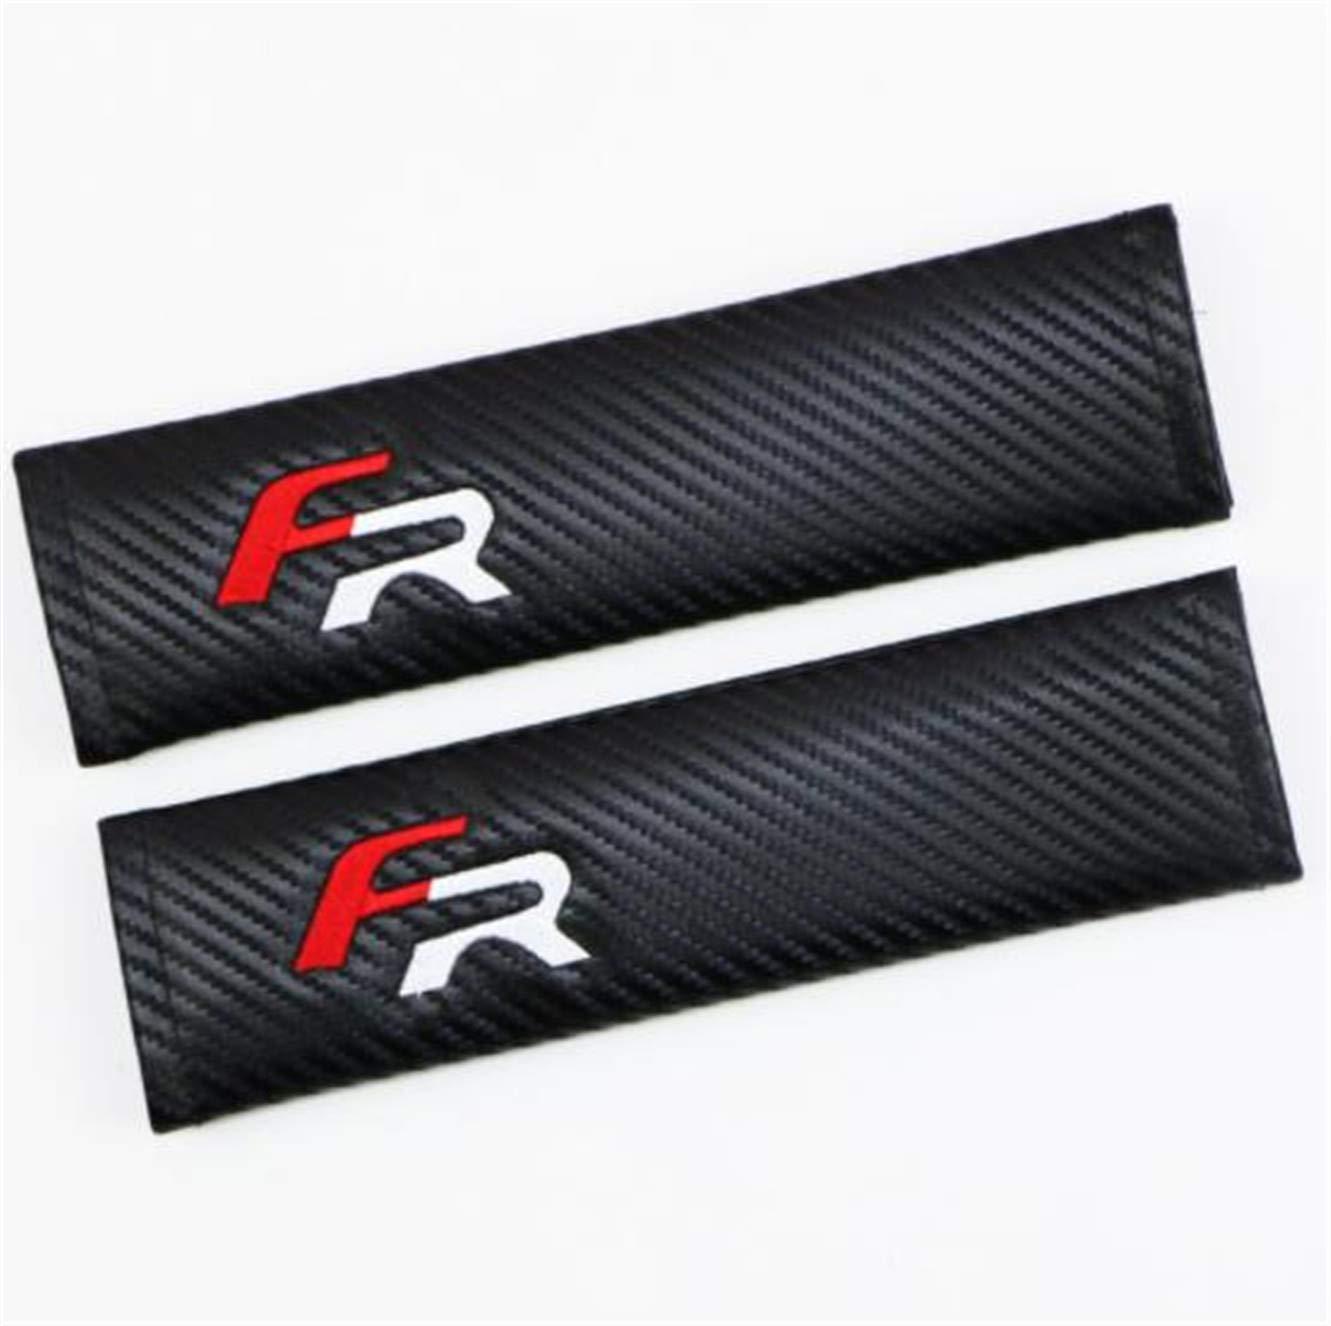 Bordado para cintur/ón de Seguridad de Coche Almohadilla para Racing hombreras para FR 888 2 Piezas de Fibra de Carbono